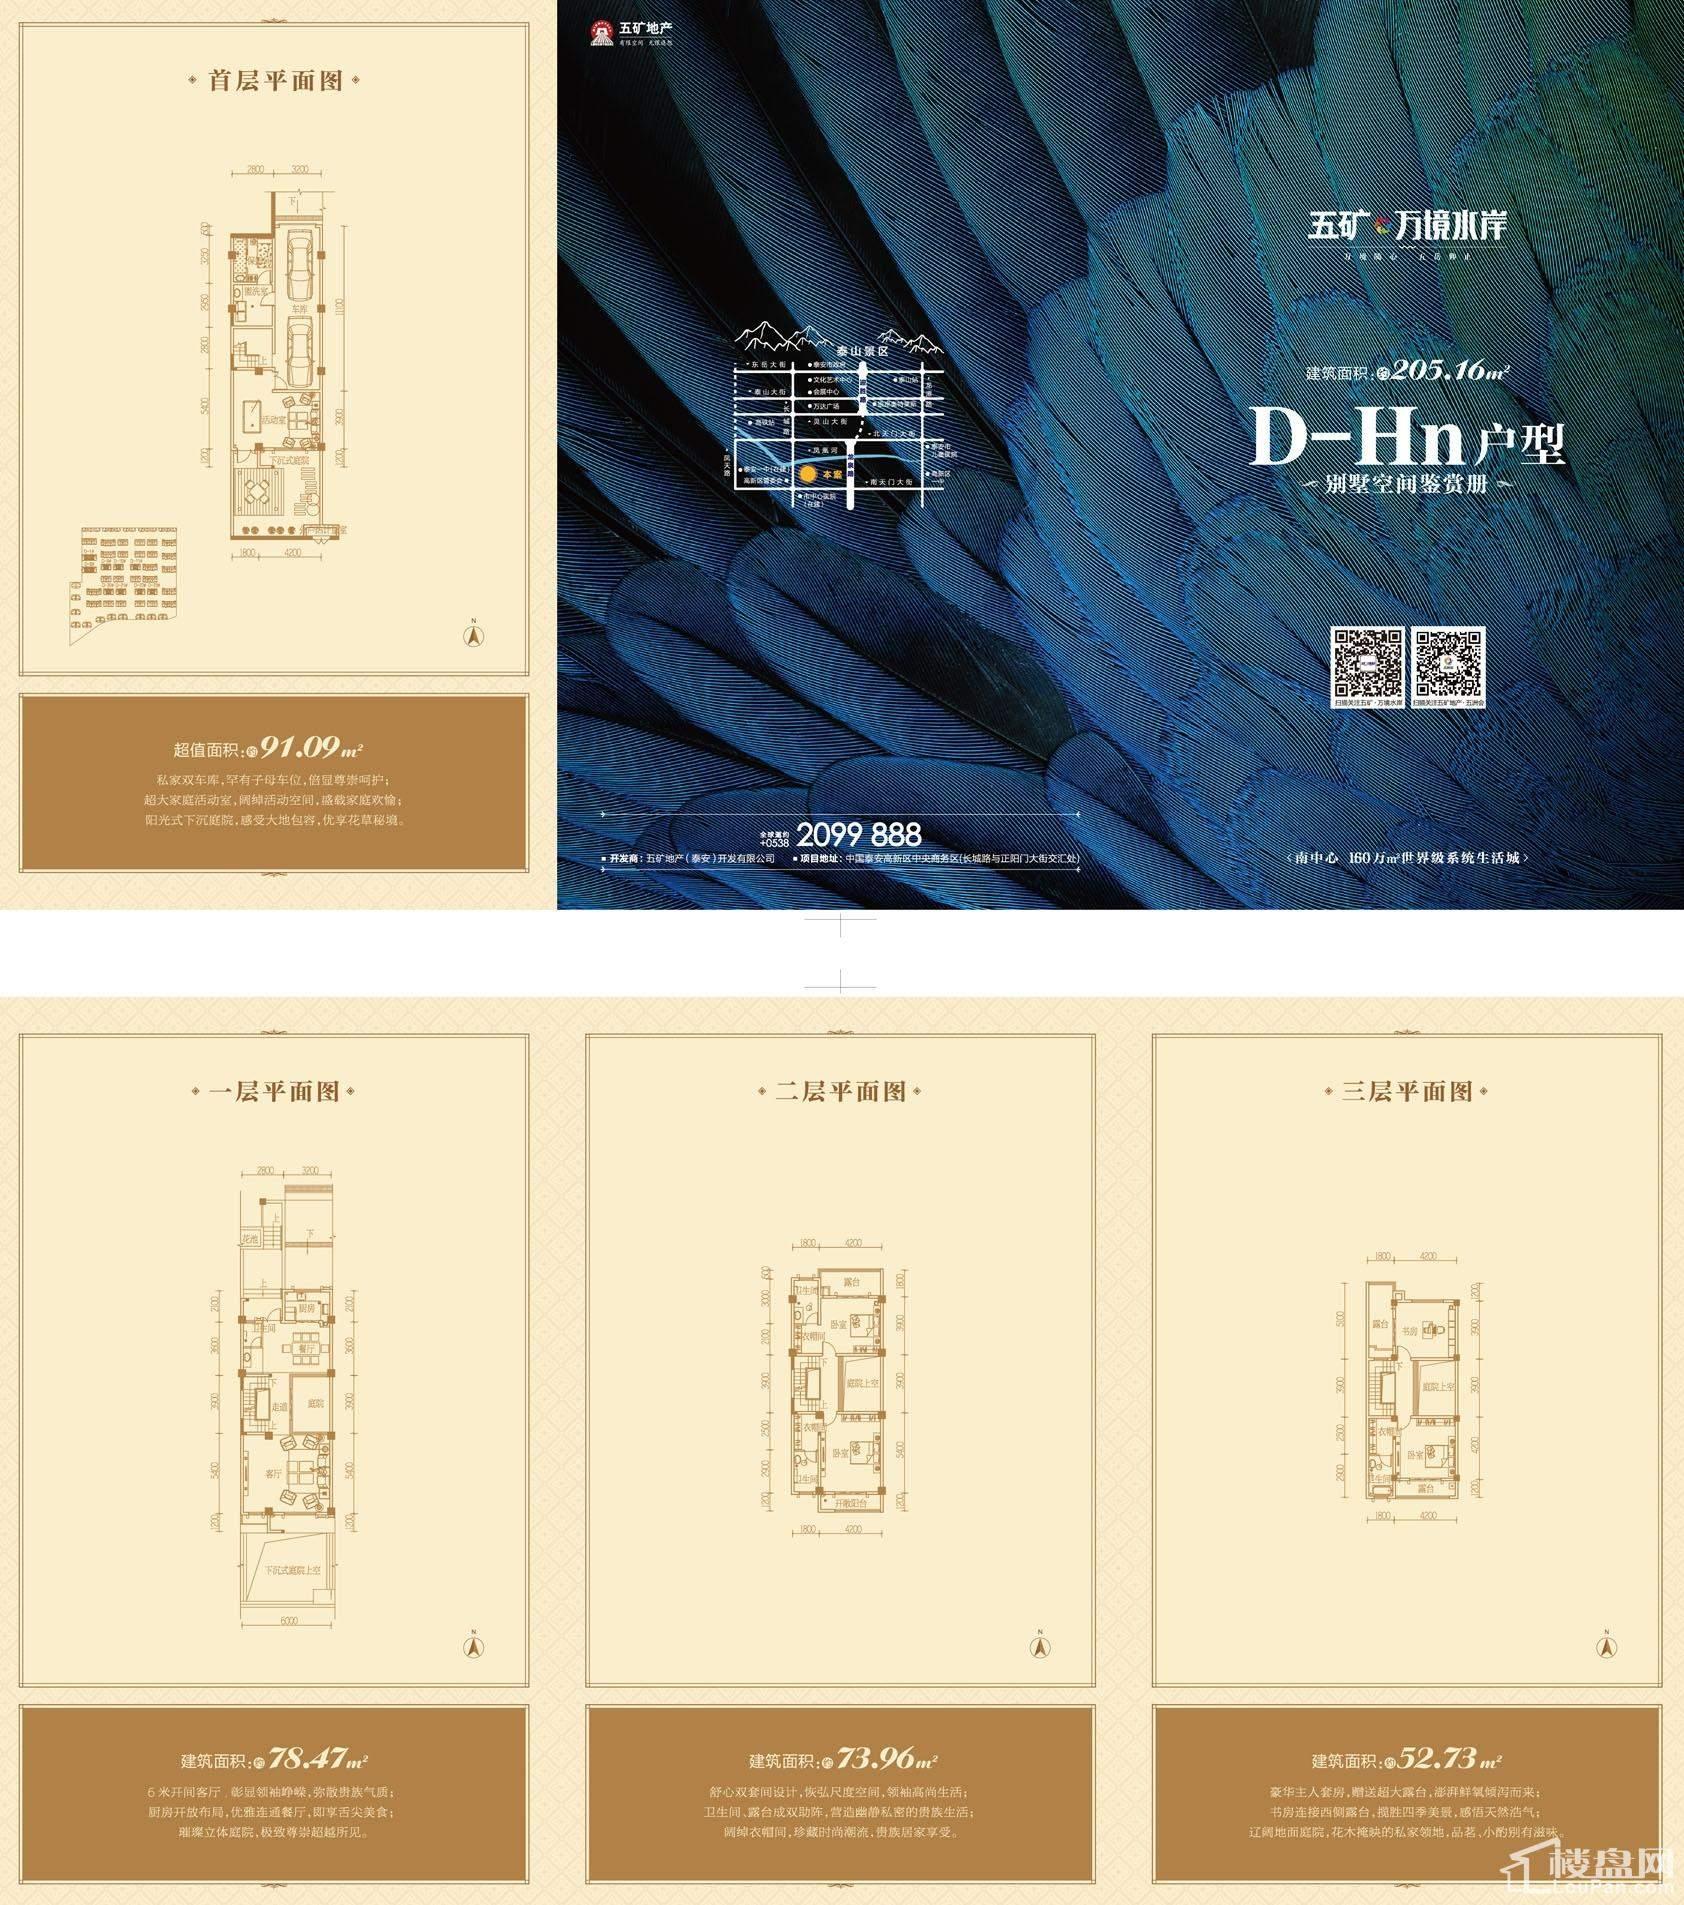 别墅户型D-Hn地上建筑面积205.16+赠送面积91.09